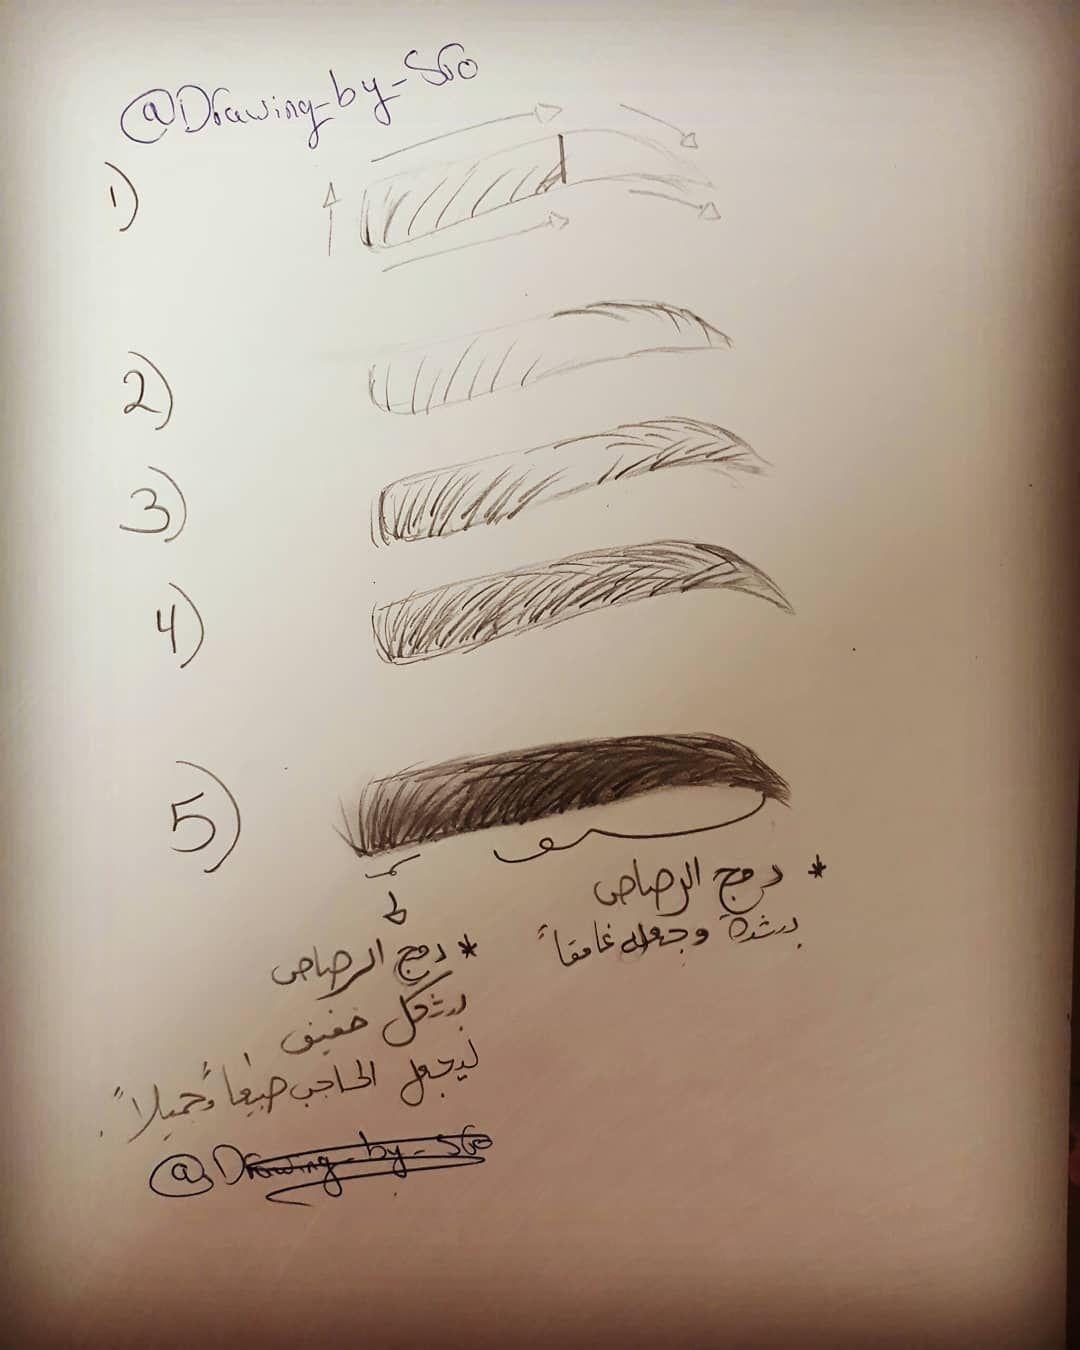 طريقة رسم الحاجب ب5 خطوات وكثير سهل رسمهن مش صعب زي ما بتفكروا ومع المحاولة الدائمة راح تتقنوا الرسم من How To Draw Anime Eyes Pencil Art Drawings Anime Eyes